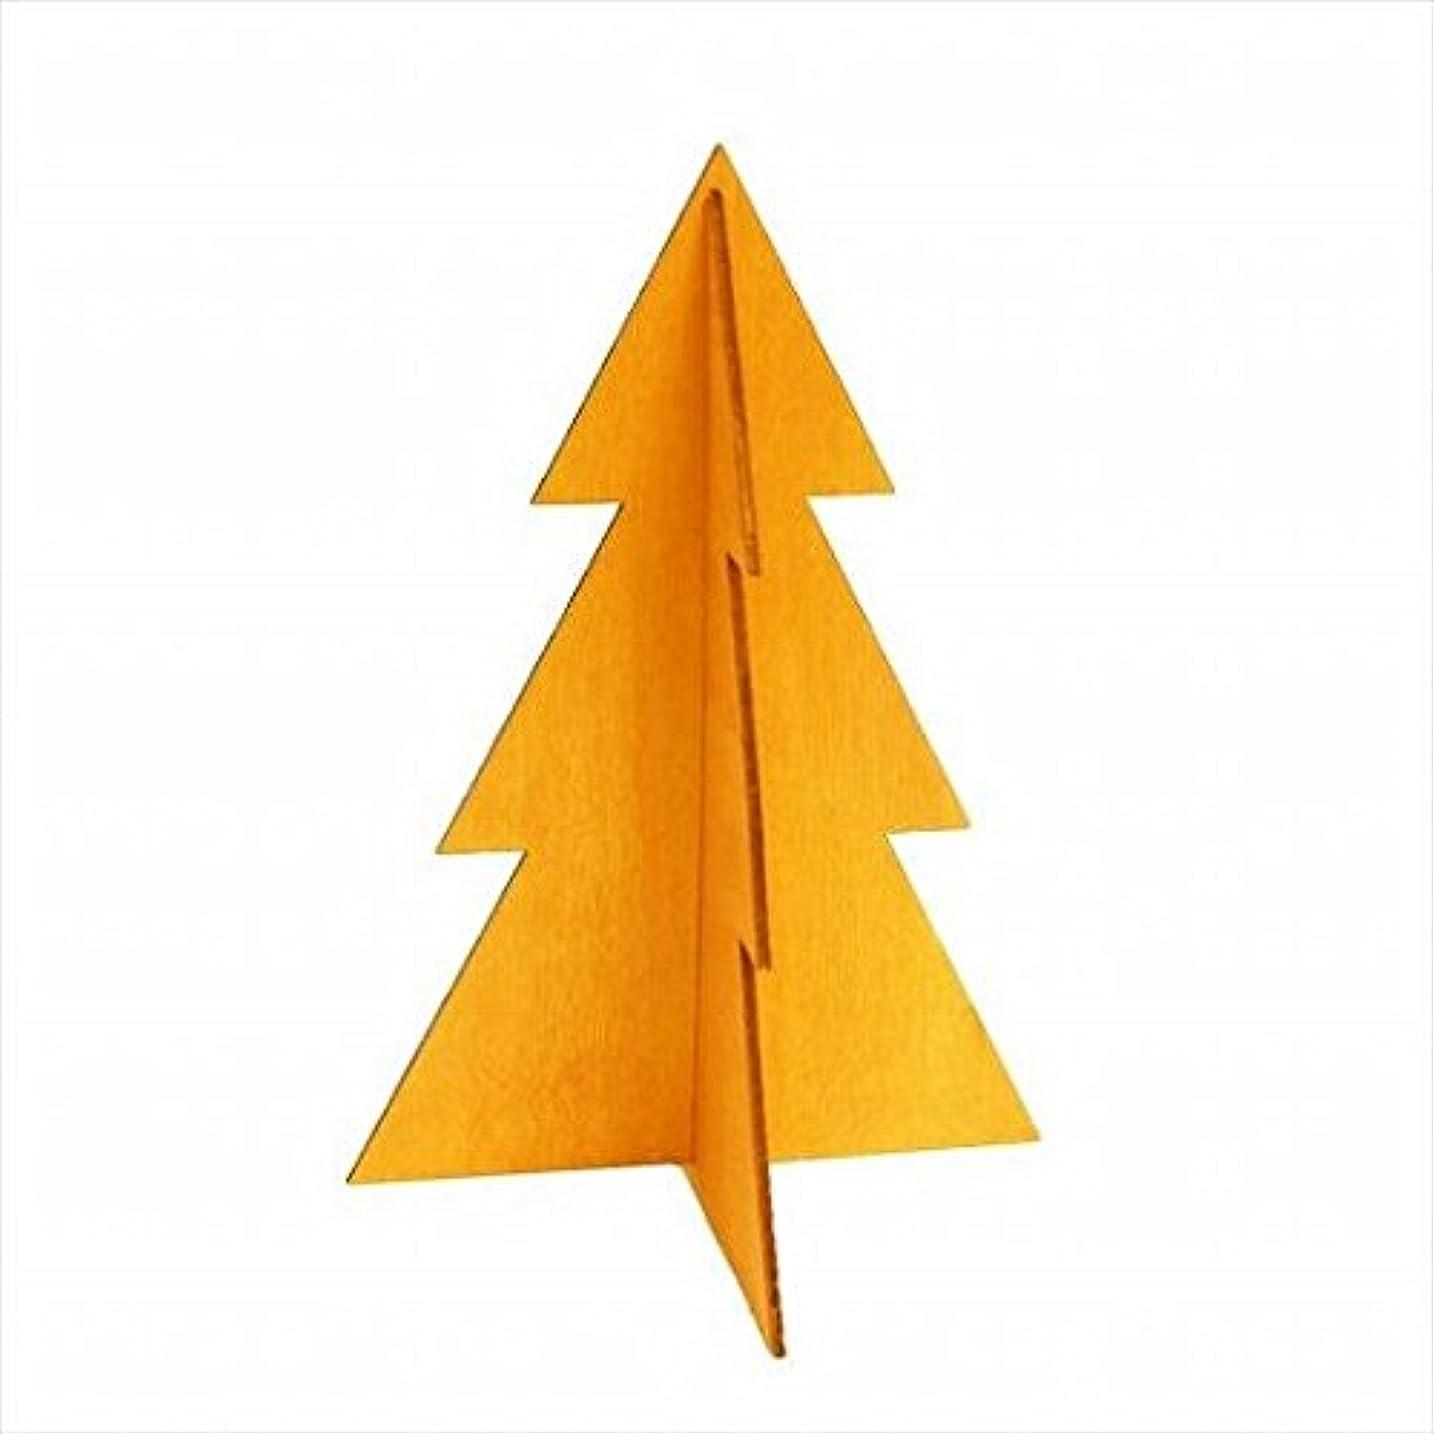 レンズフレームワーク顧問kameyama candle(カメヤマキャンドル) フェスティブツリーM 「 オレンジ 」 キャンドル 144x144x210mm (I882243009)